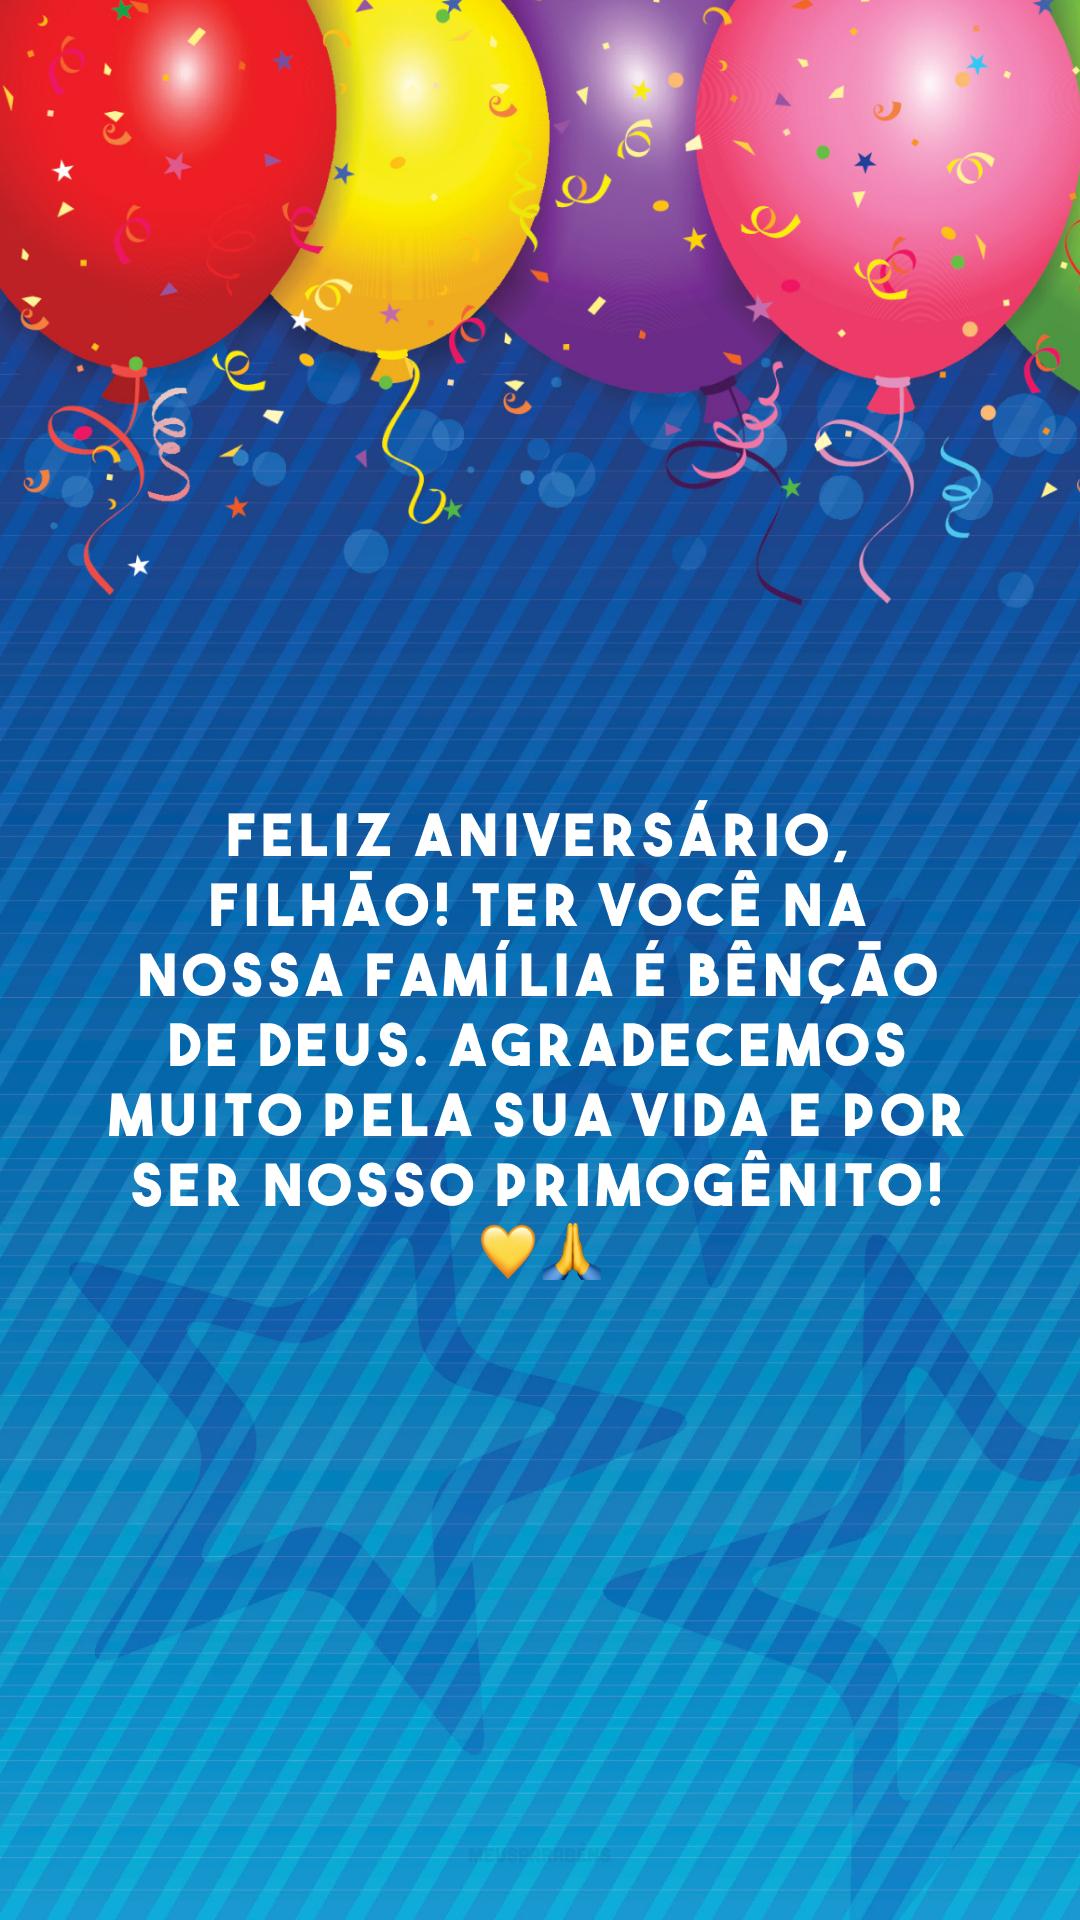 Feliz aniversário, filhão! Ter você na nossa família é bênção de Deus. Agradecemos muito pela sua vida e por ser nosso primogênito! 💛🙏